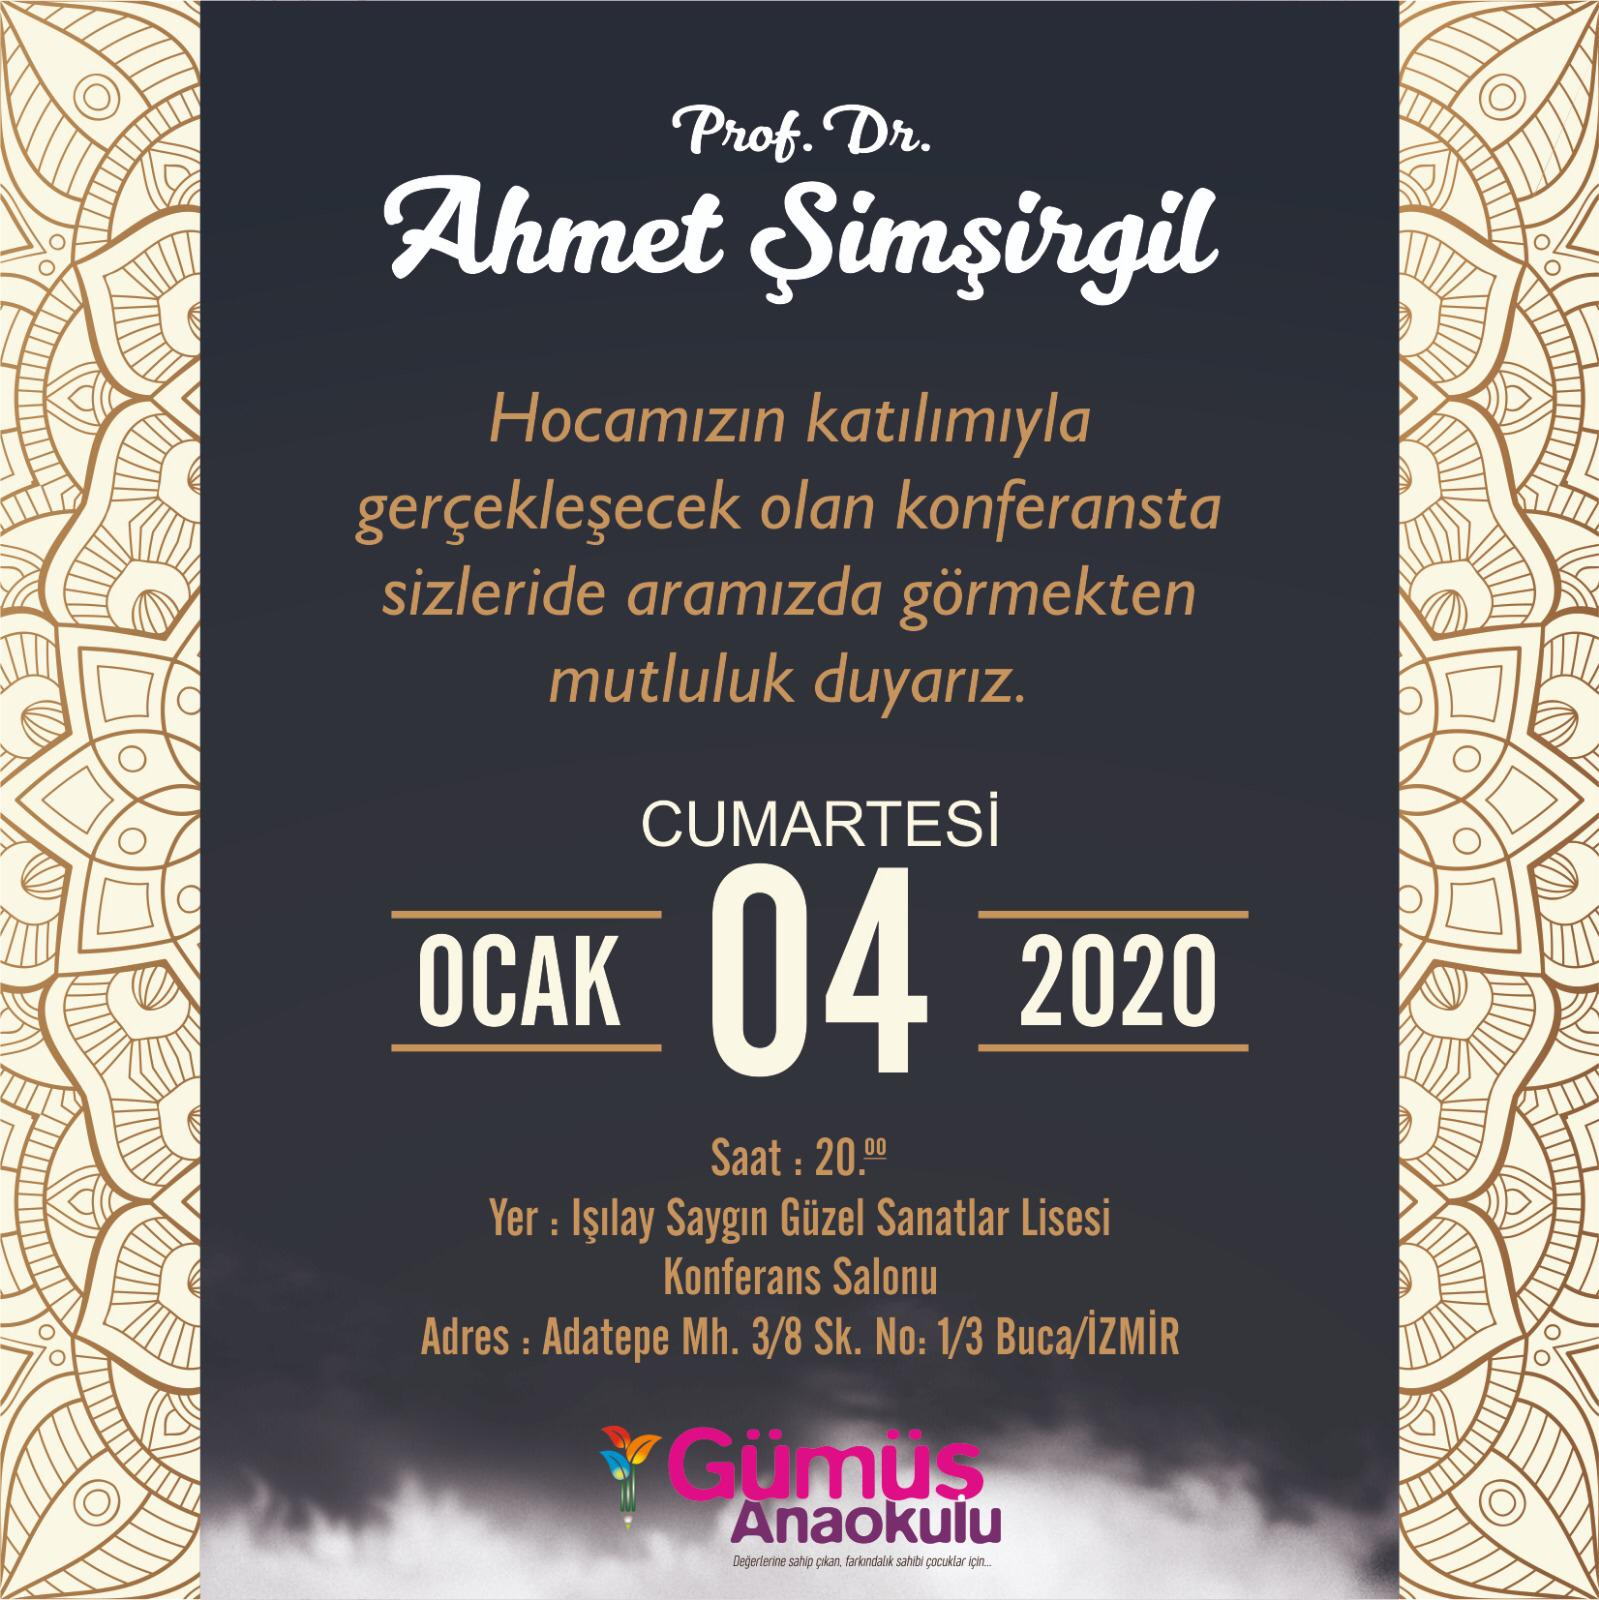 ahmet simsirgil - Prof. Dr. Ahmet Şimşirgil Konferansı